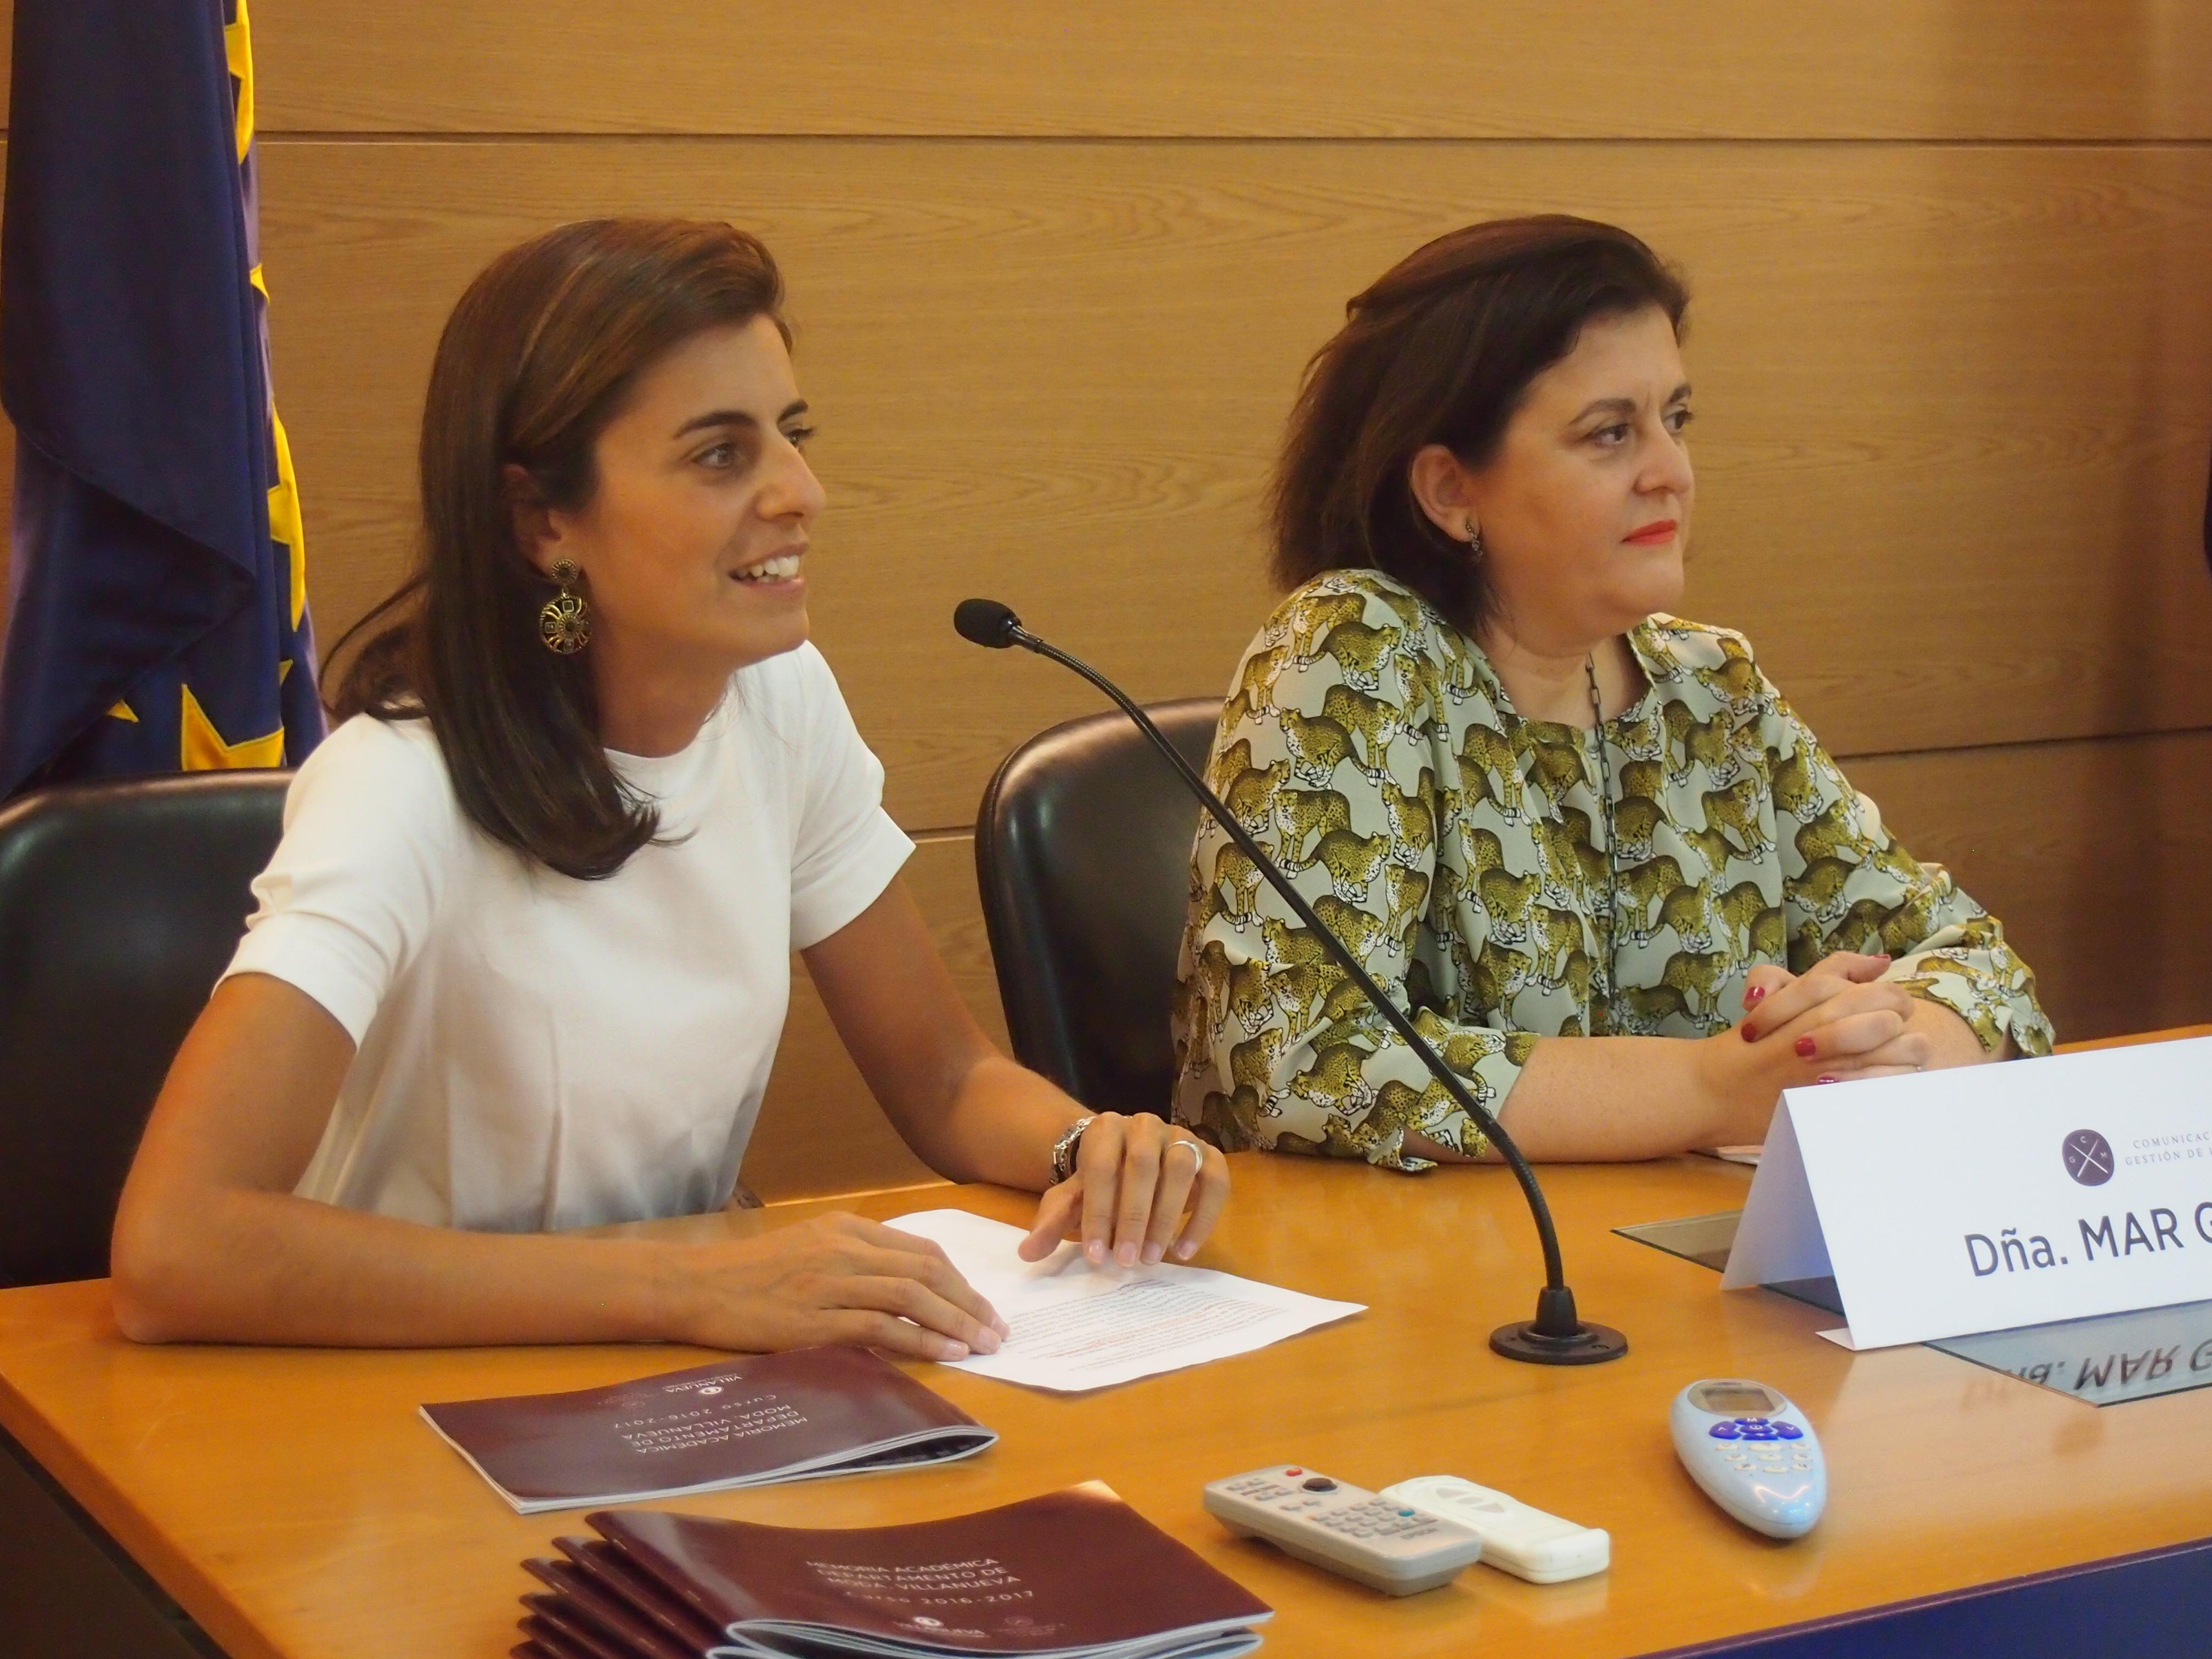 Mar Garrido y Pilar Miguel durante la presentación de la invitada